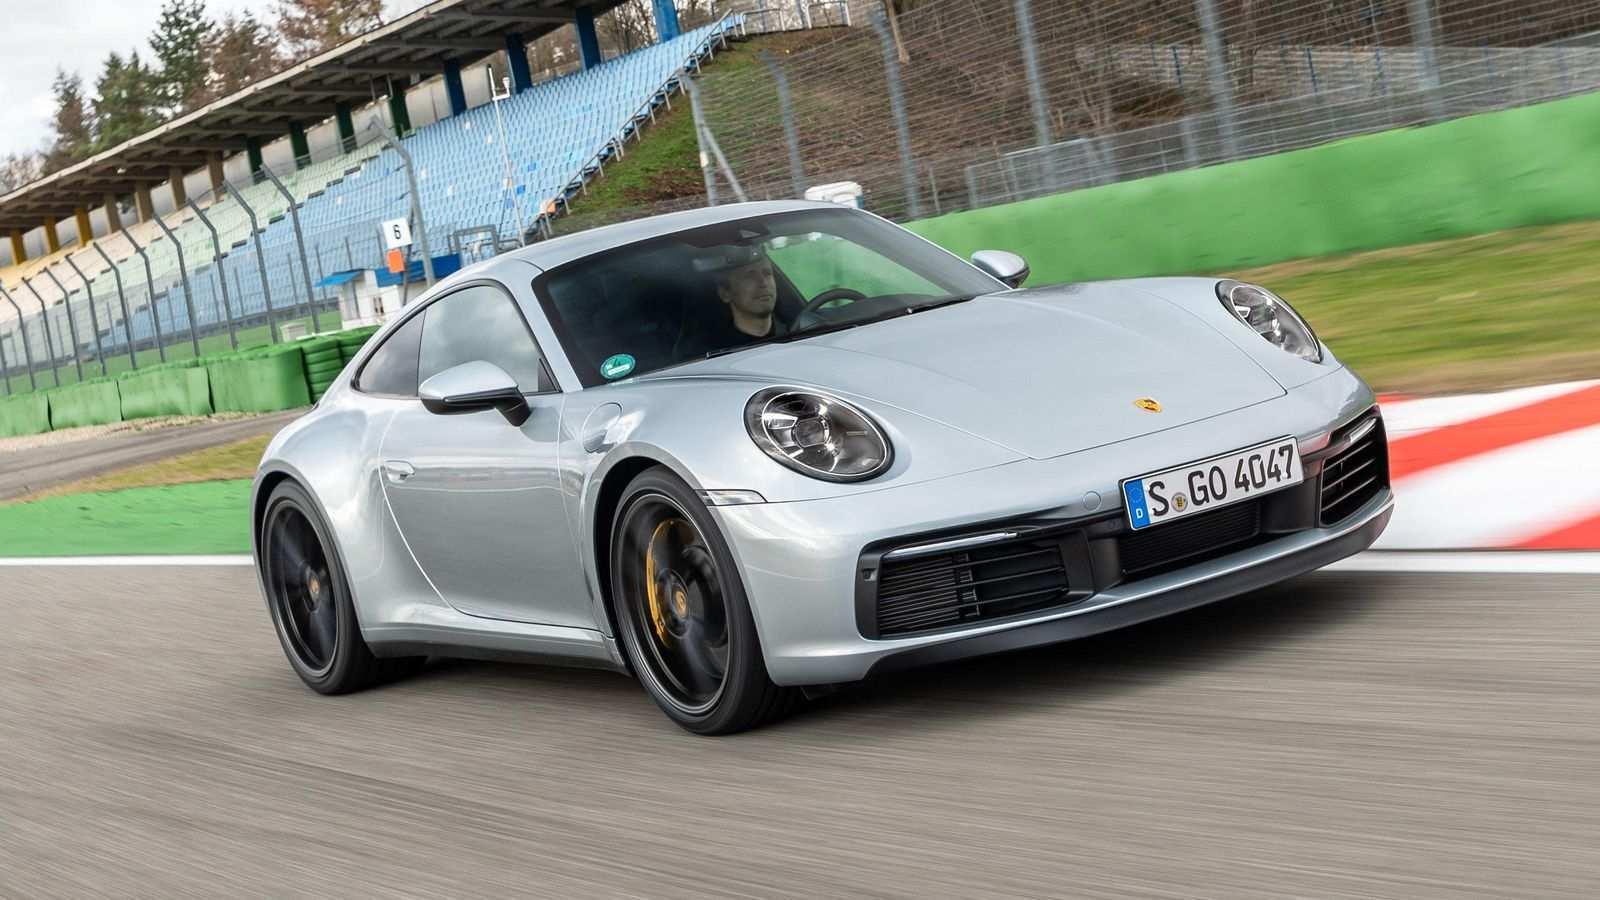 24 Concept of Porsche Targa 2020 Interior for Porsche Targa 2020